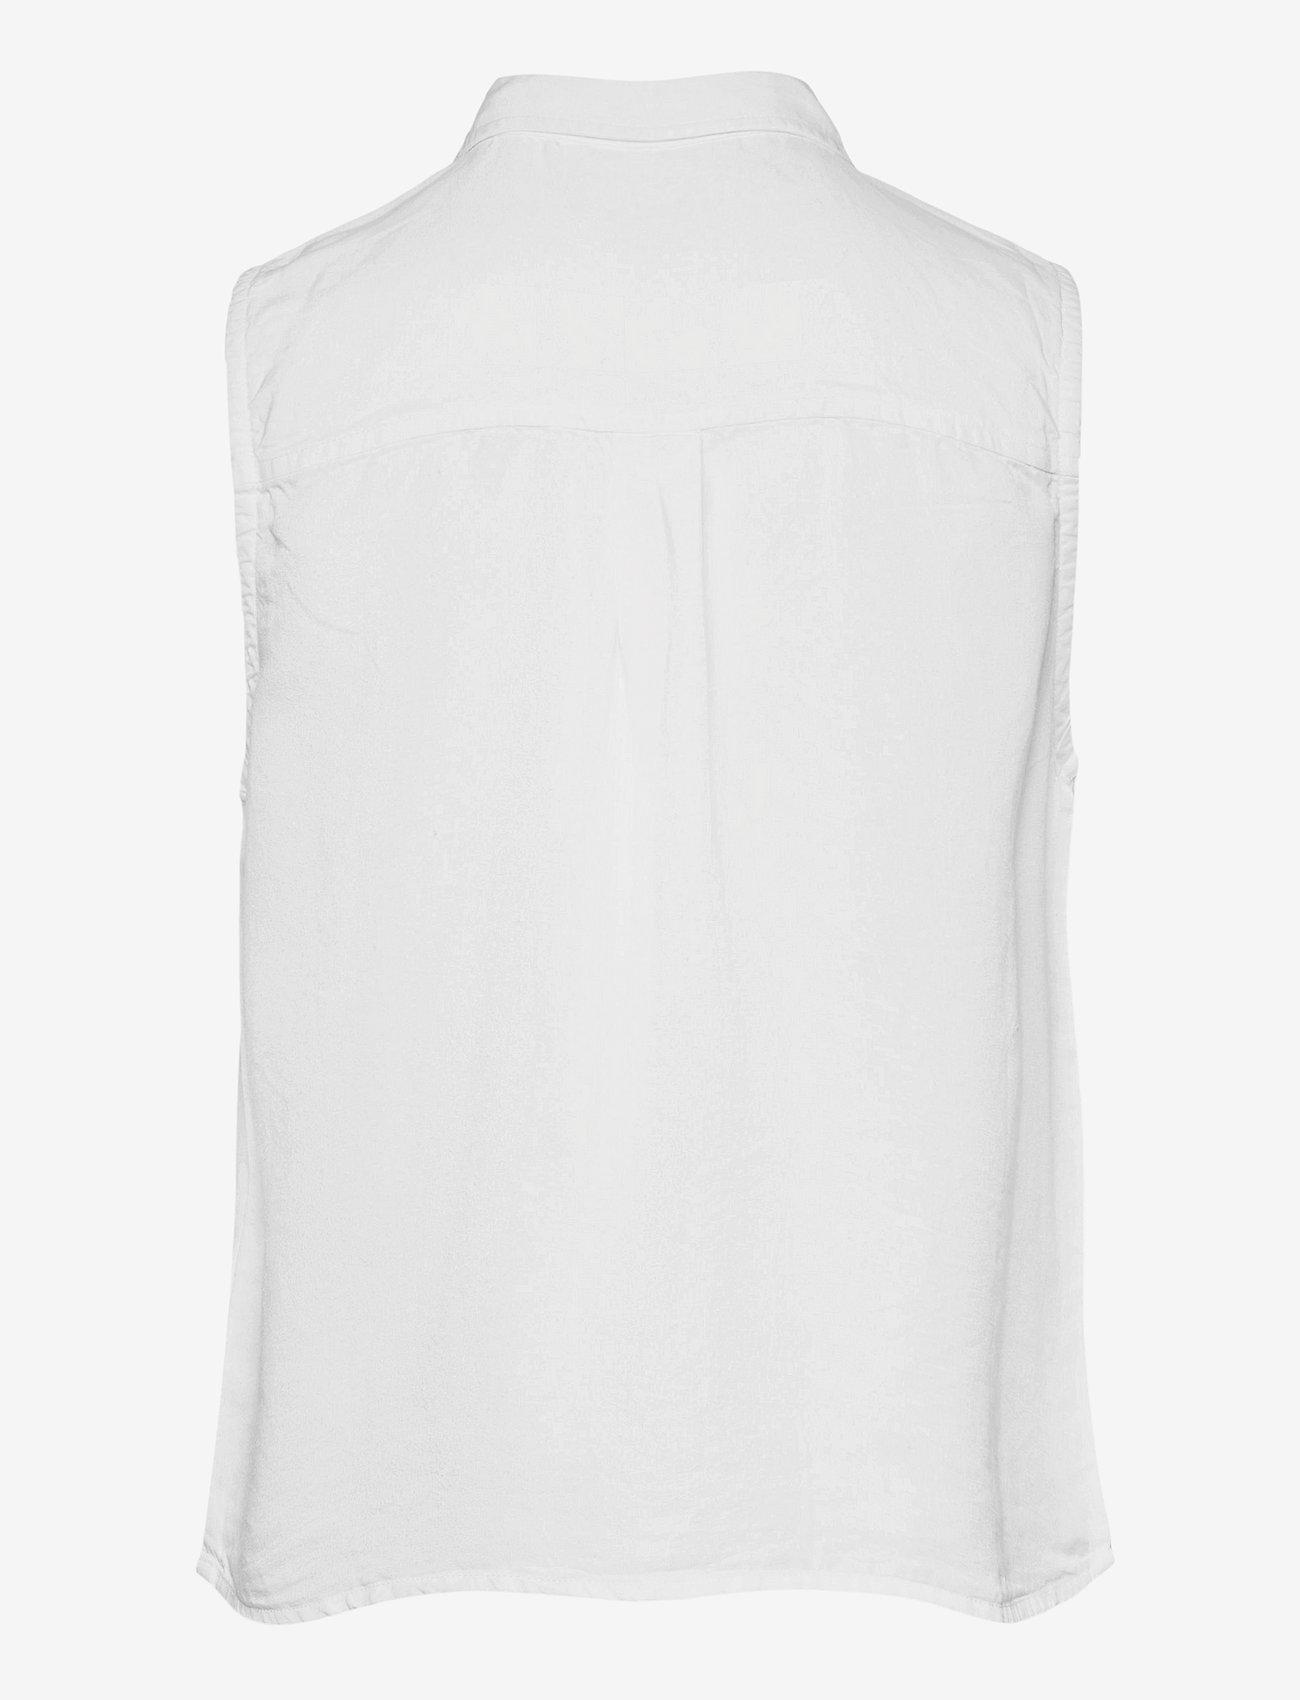 Superdry - SLEEVELESS SHIRT - sleeveless blouses - white - 1